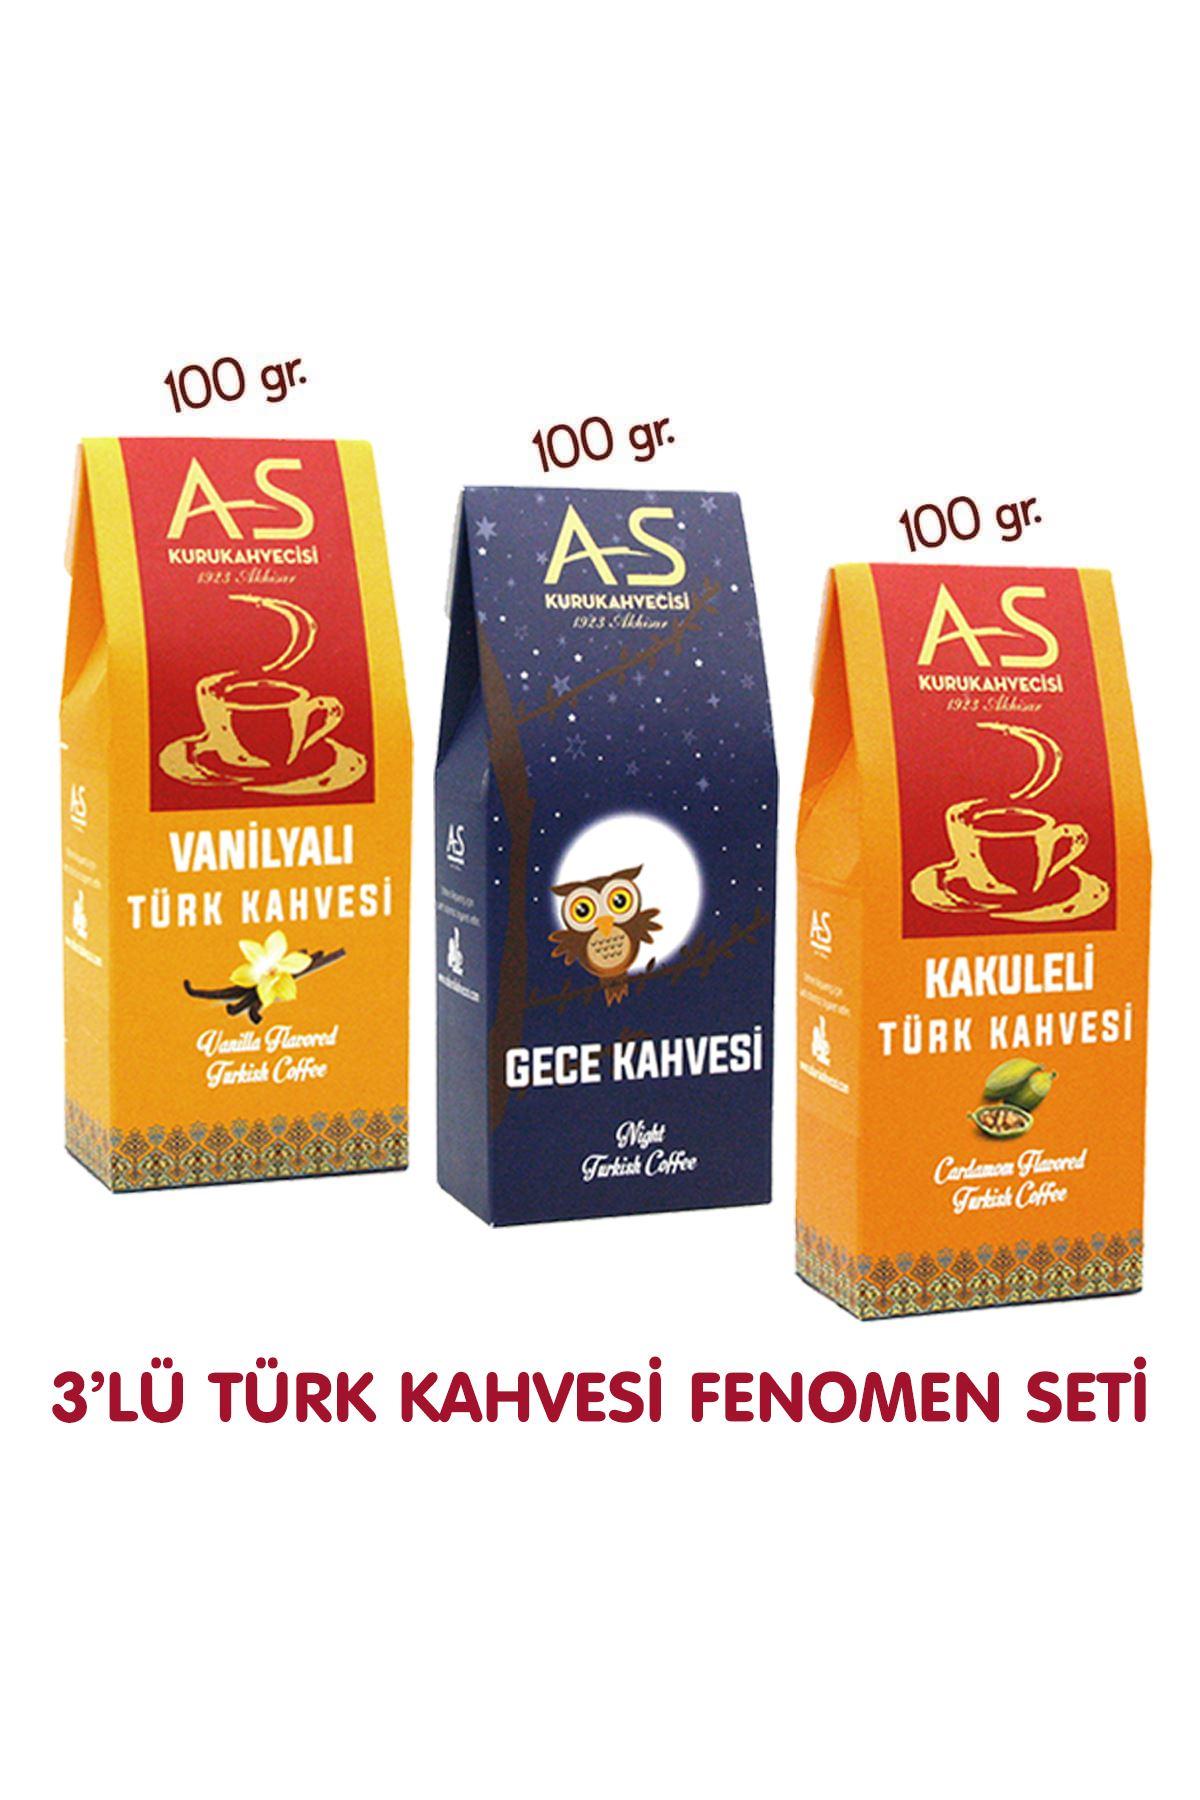 3'lü Türk Kahvesi Fenomen Seti (Vanilya,Gece,Kakule)